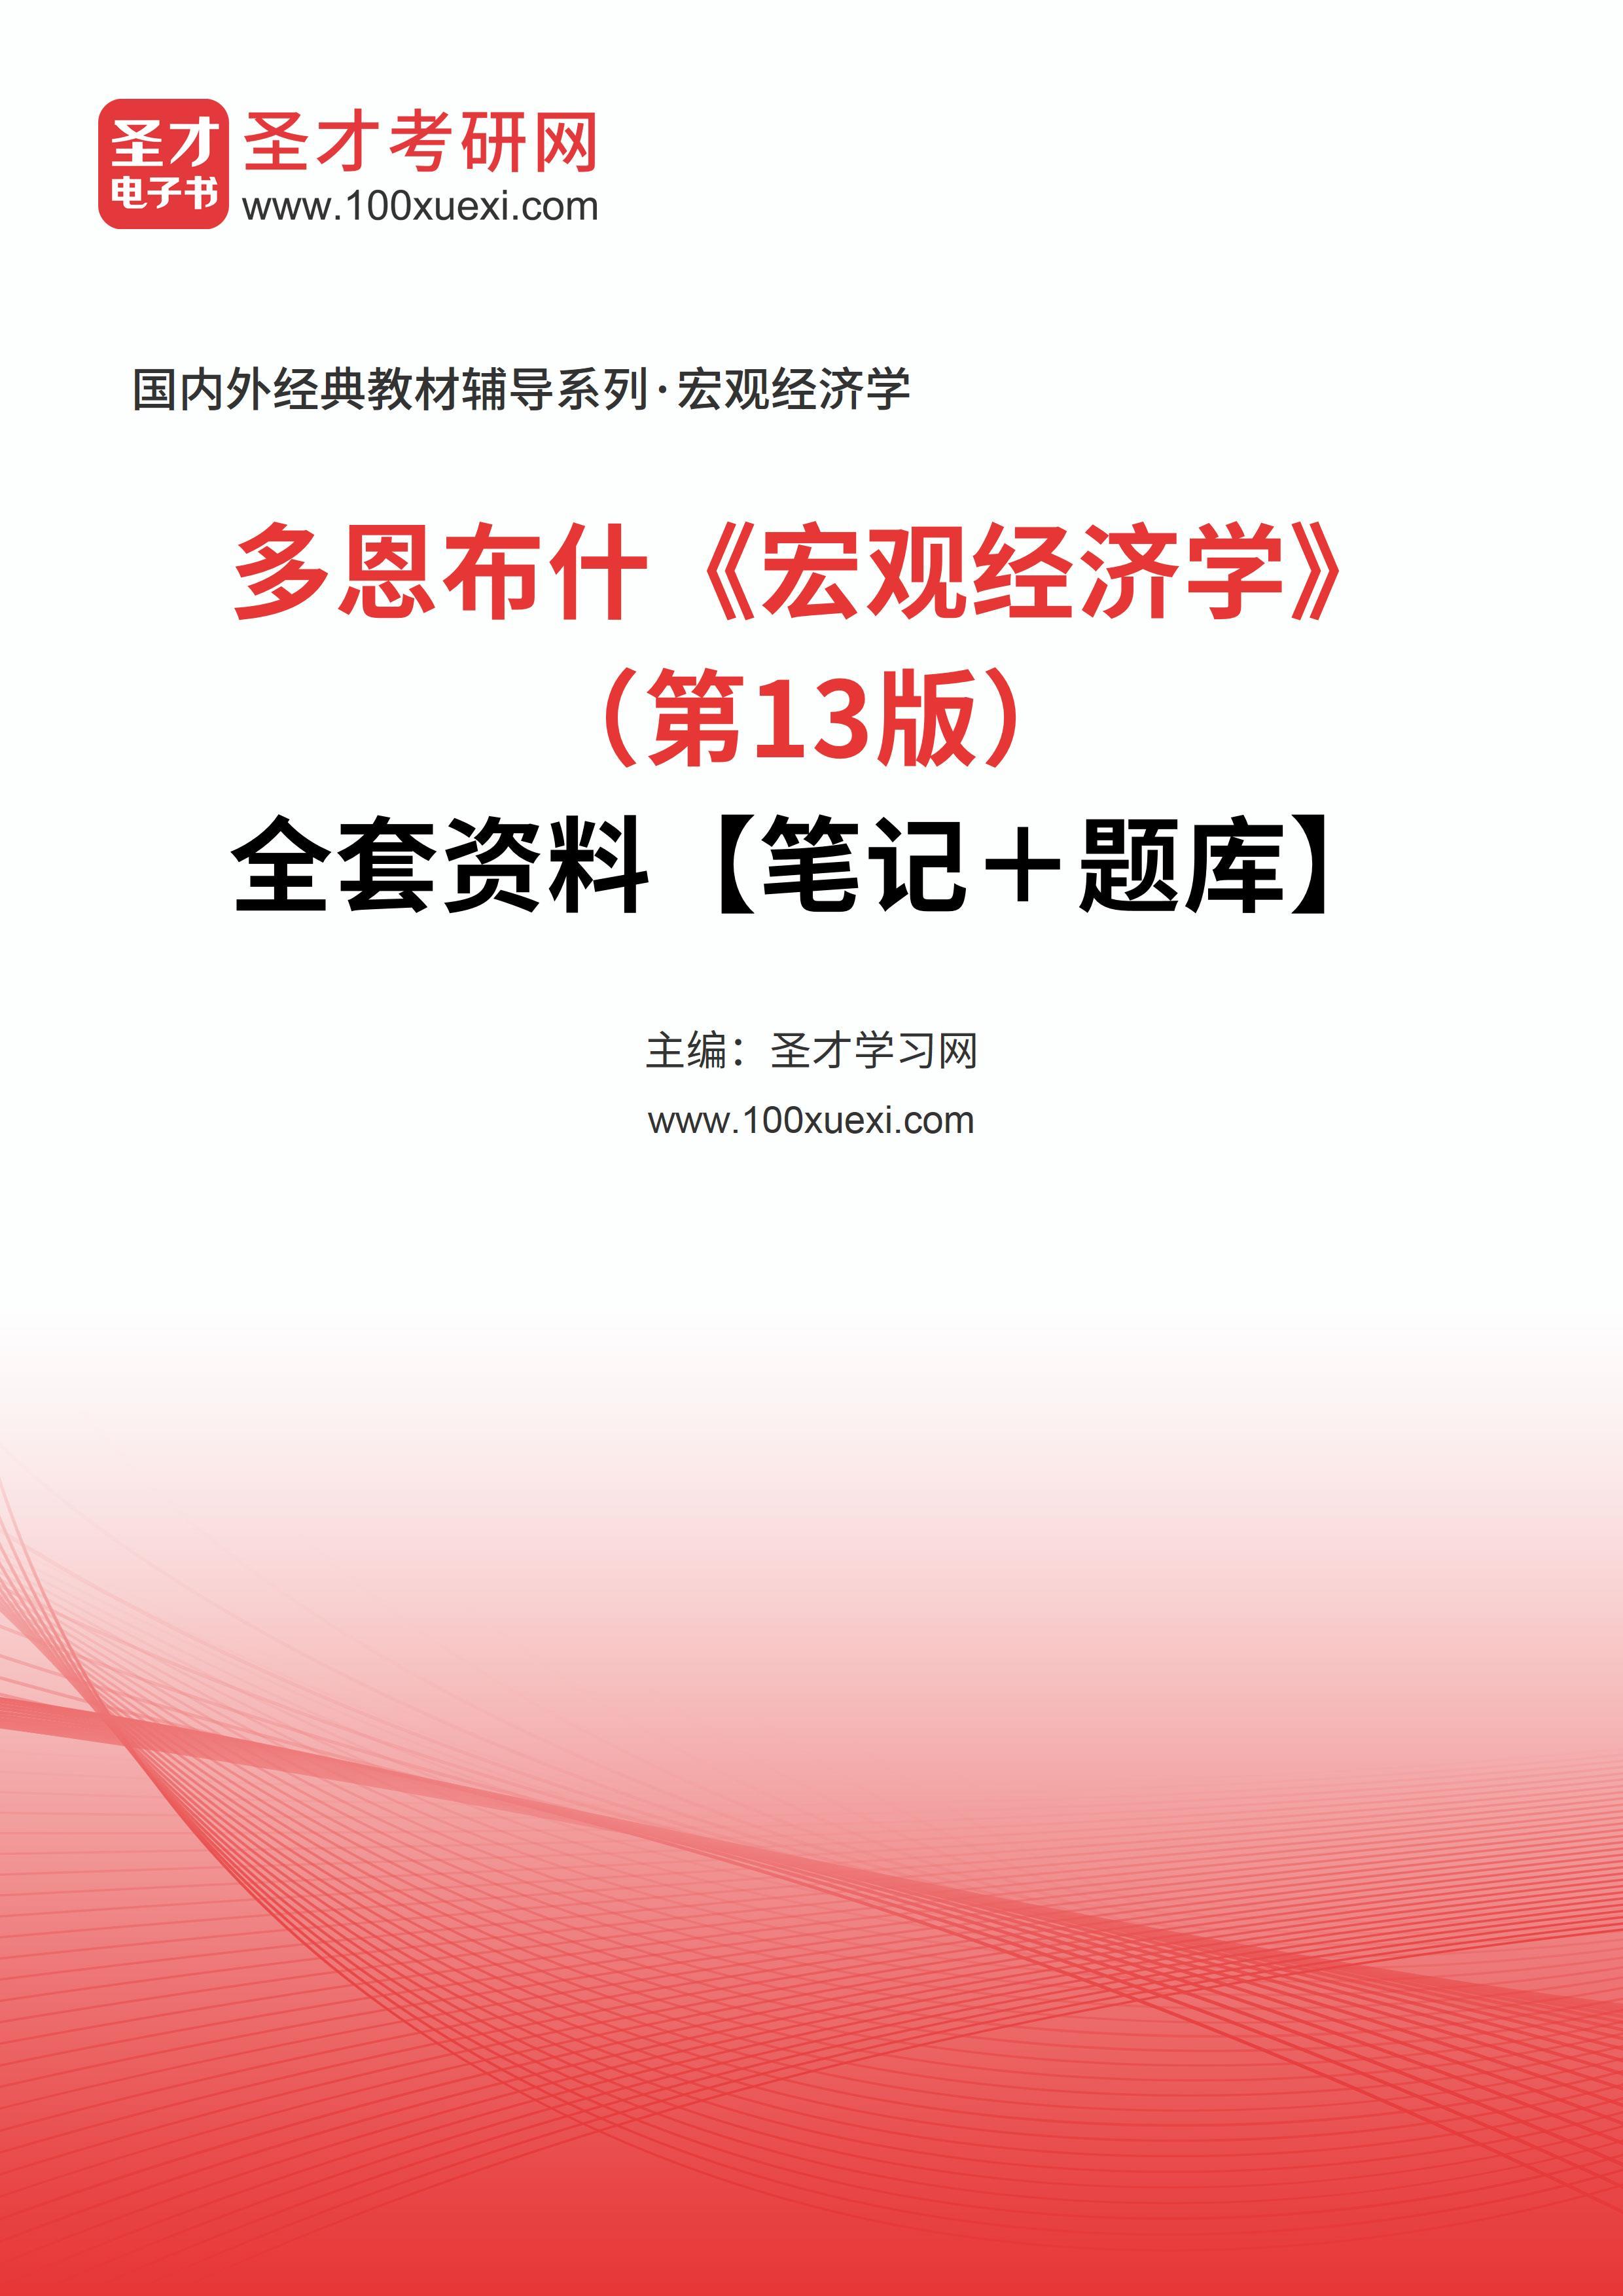 全套多恩布什《宏观经济学》(第13版)全套资料【笔记+题库】